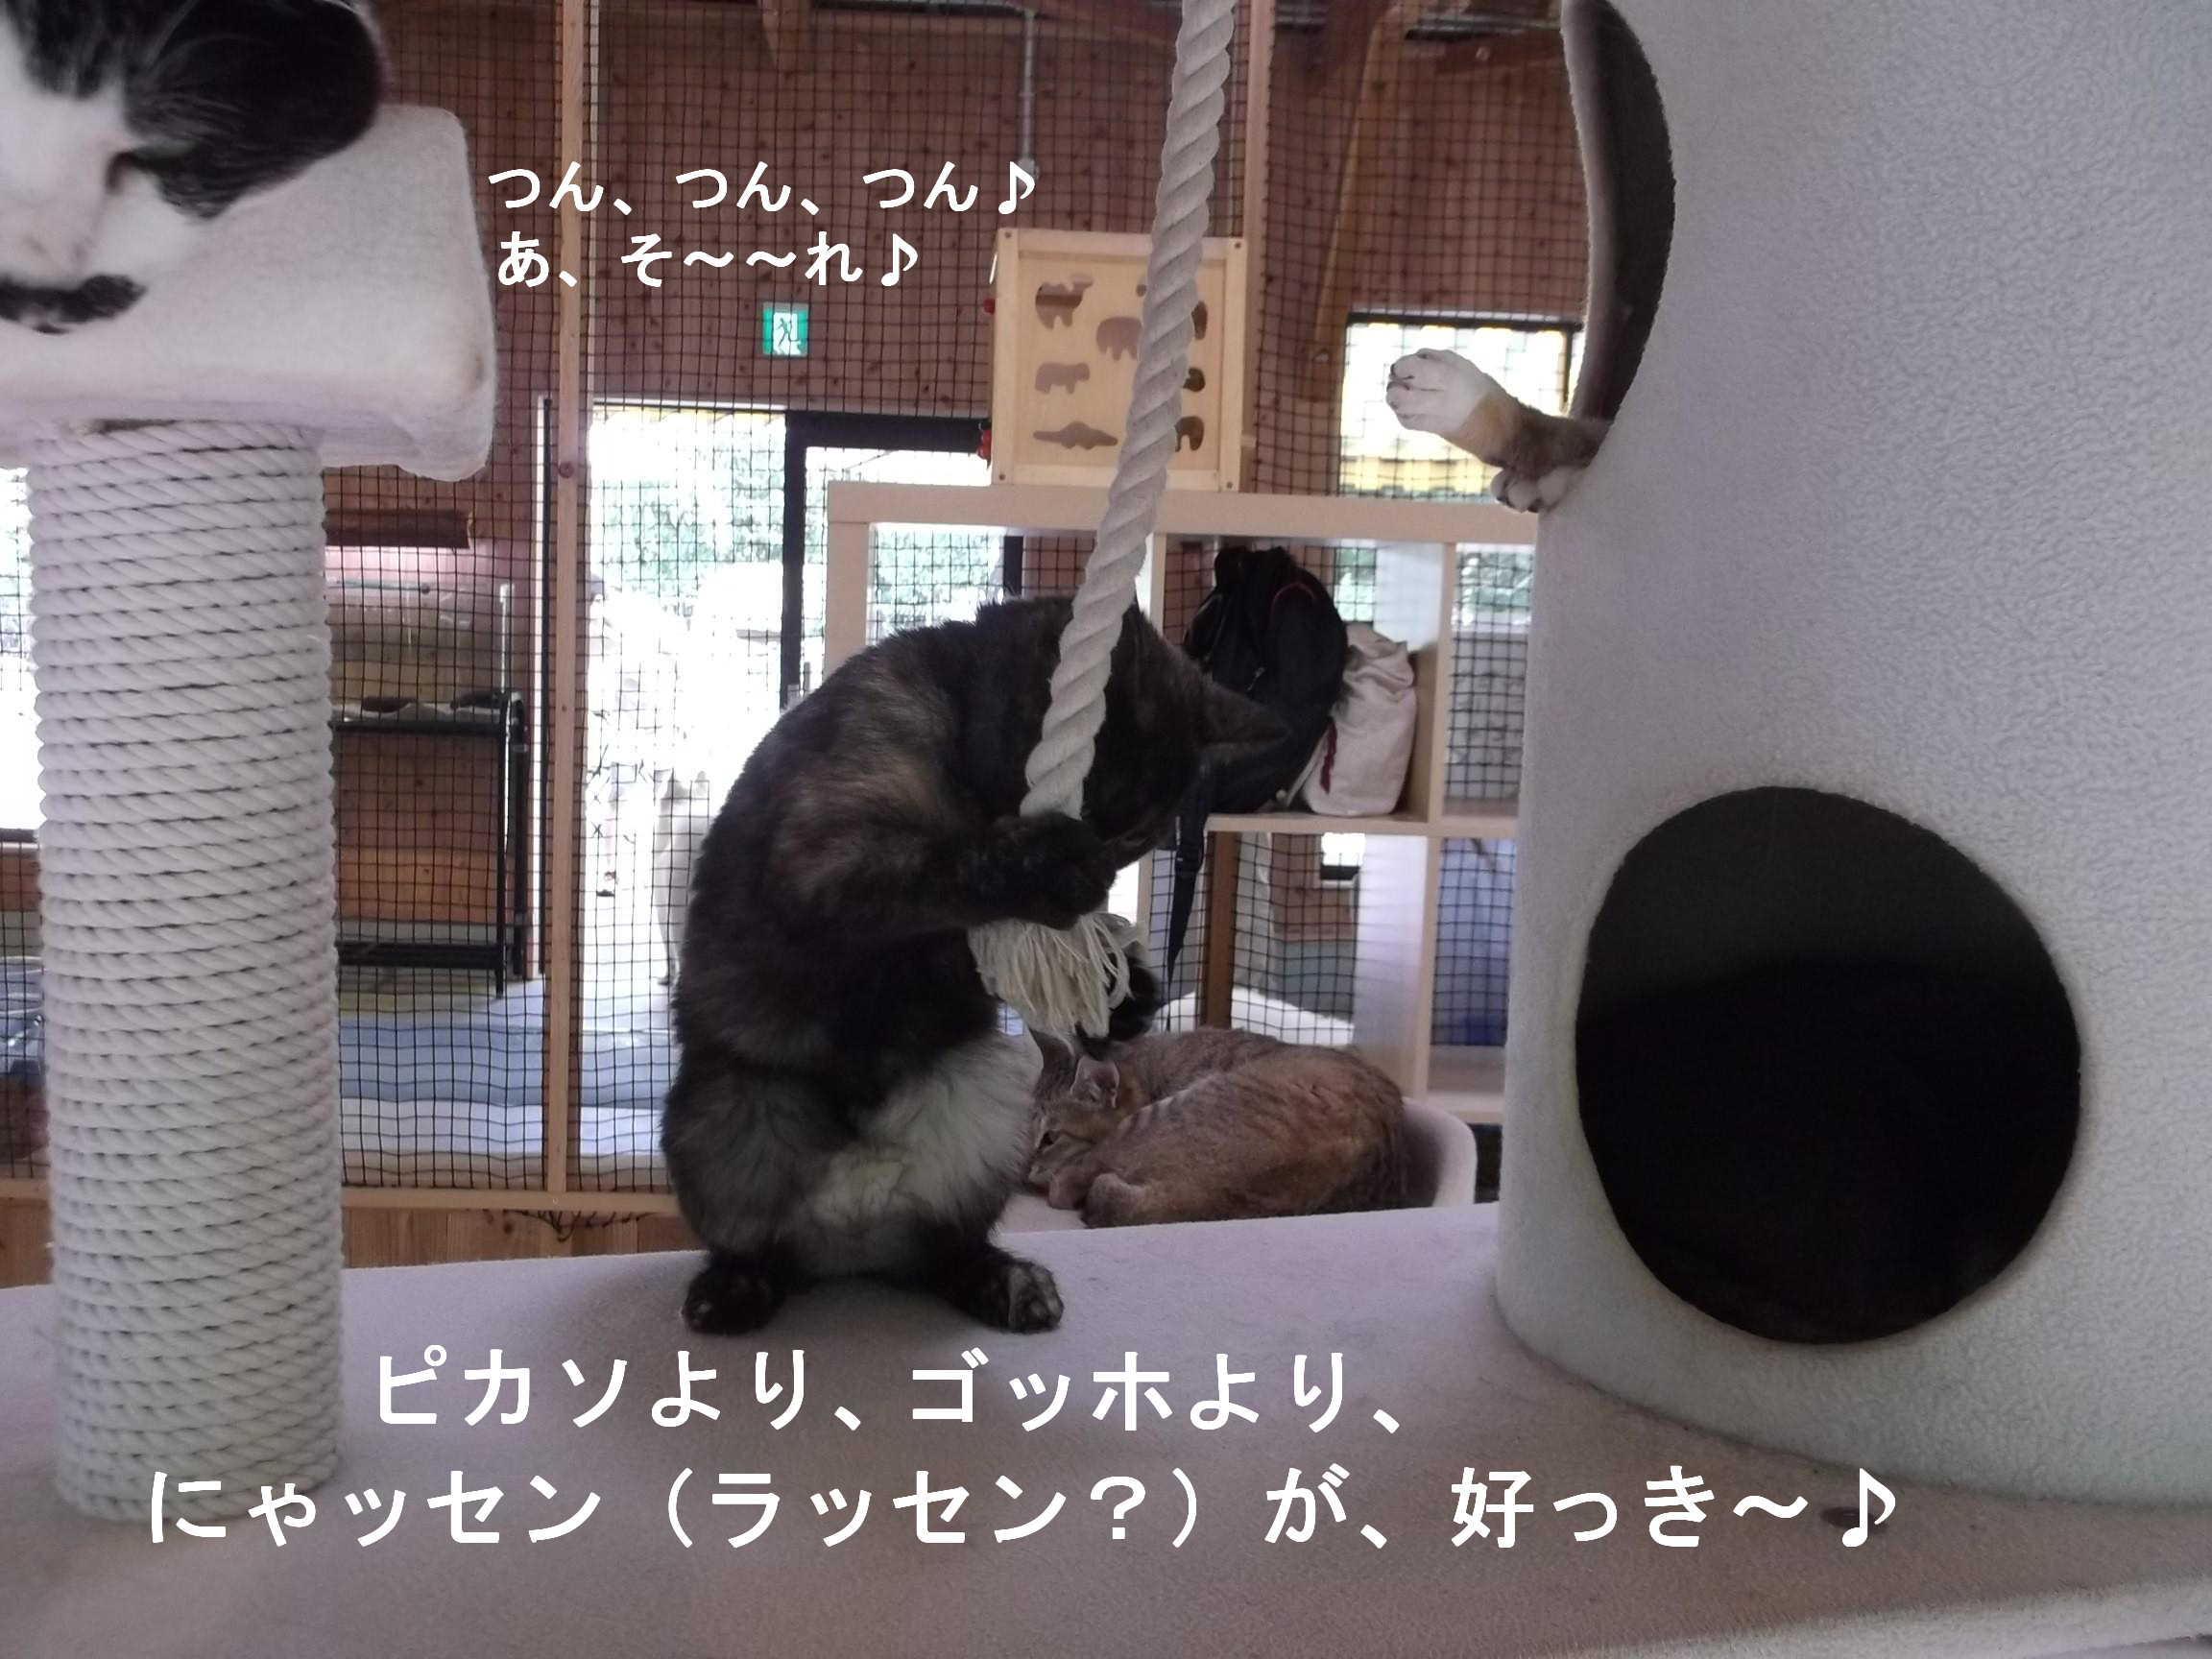 谷崎潤一郎伝_e0265768_1555943.jpg